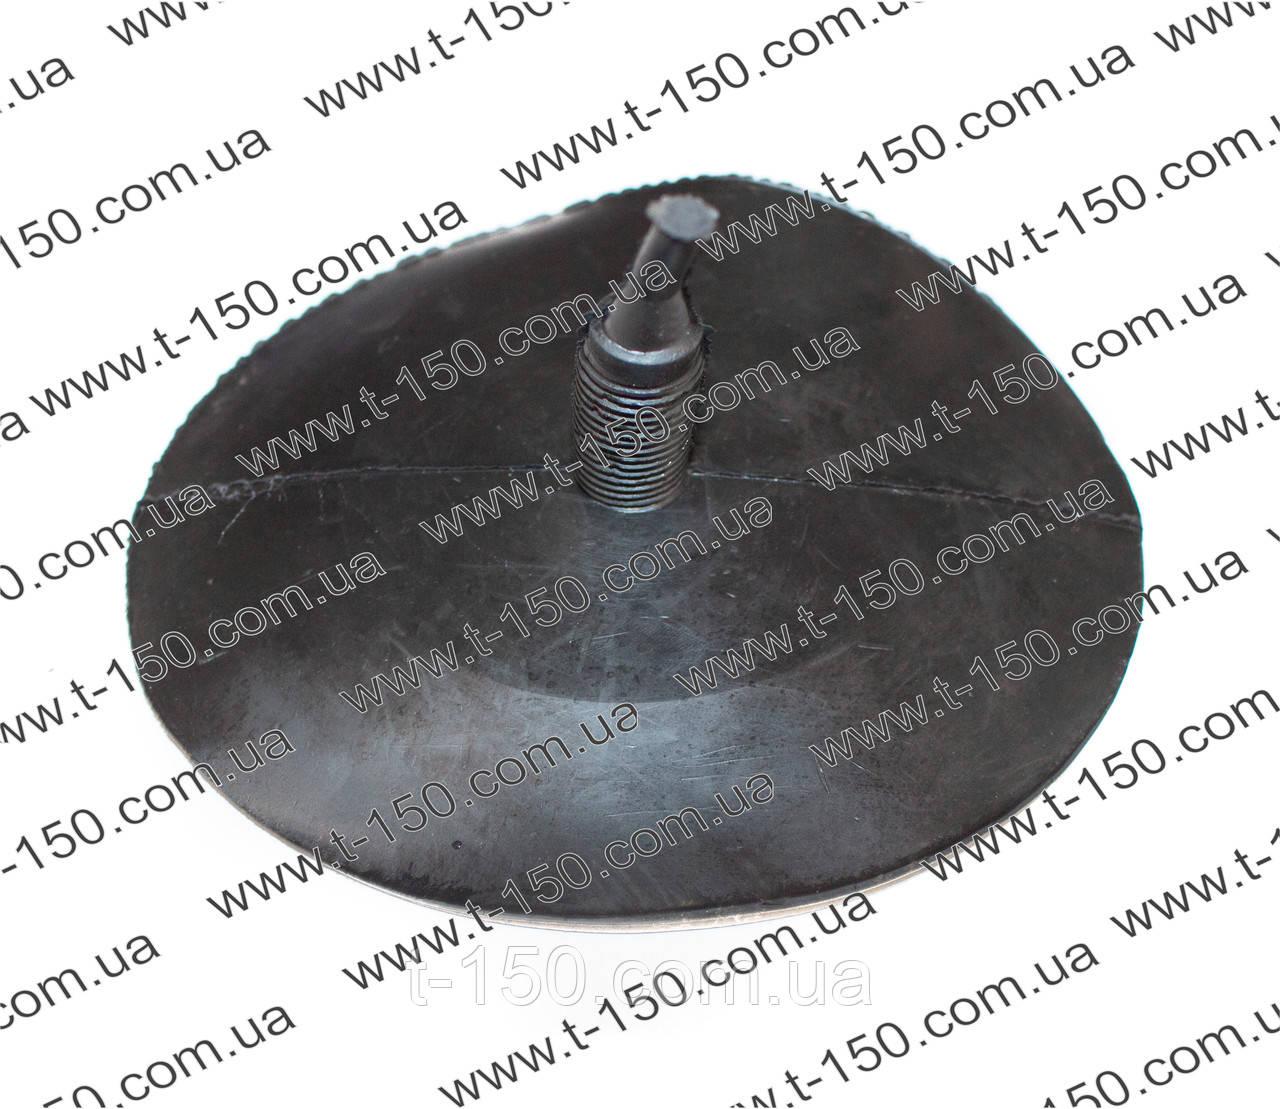 Грибок для ремонта шин (покрышек) №7 d=135